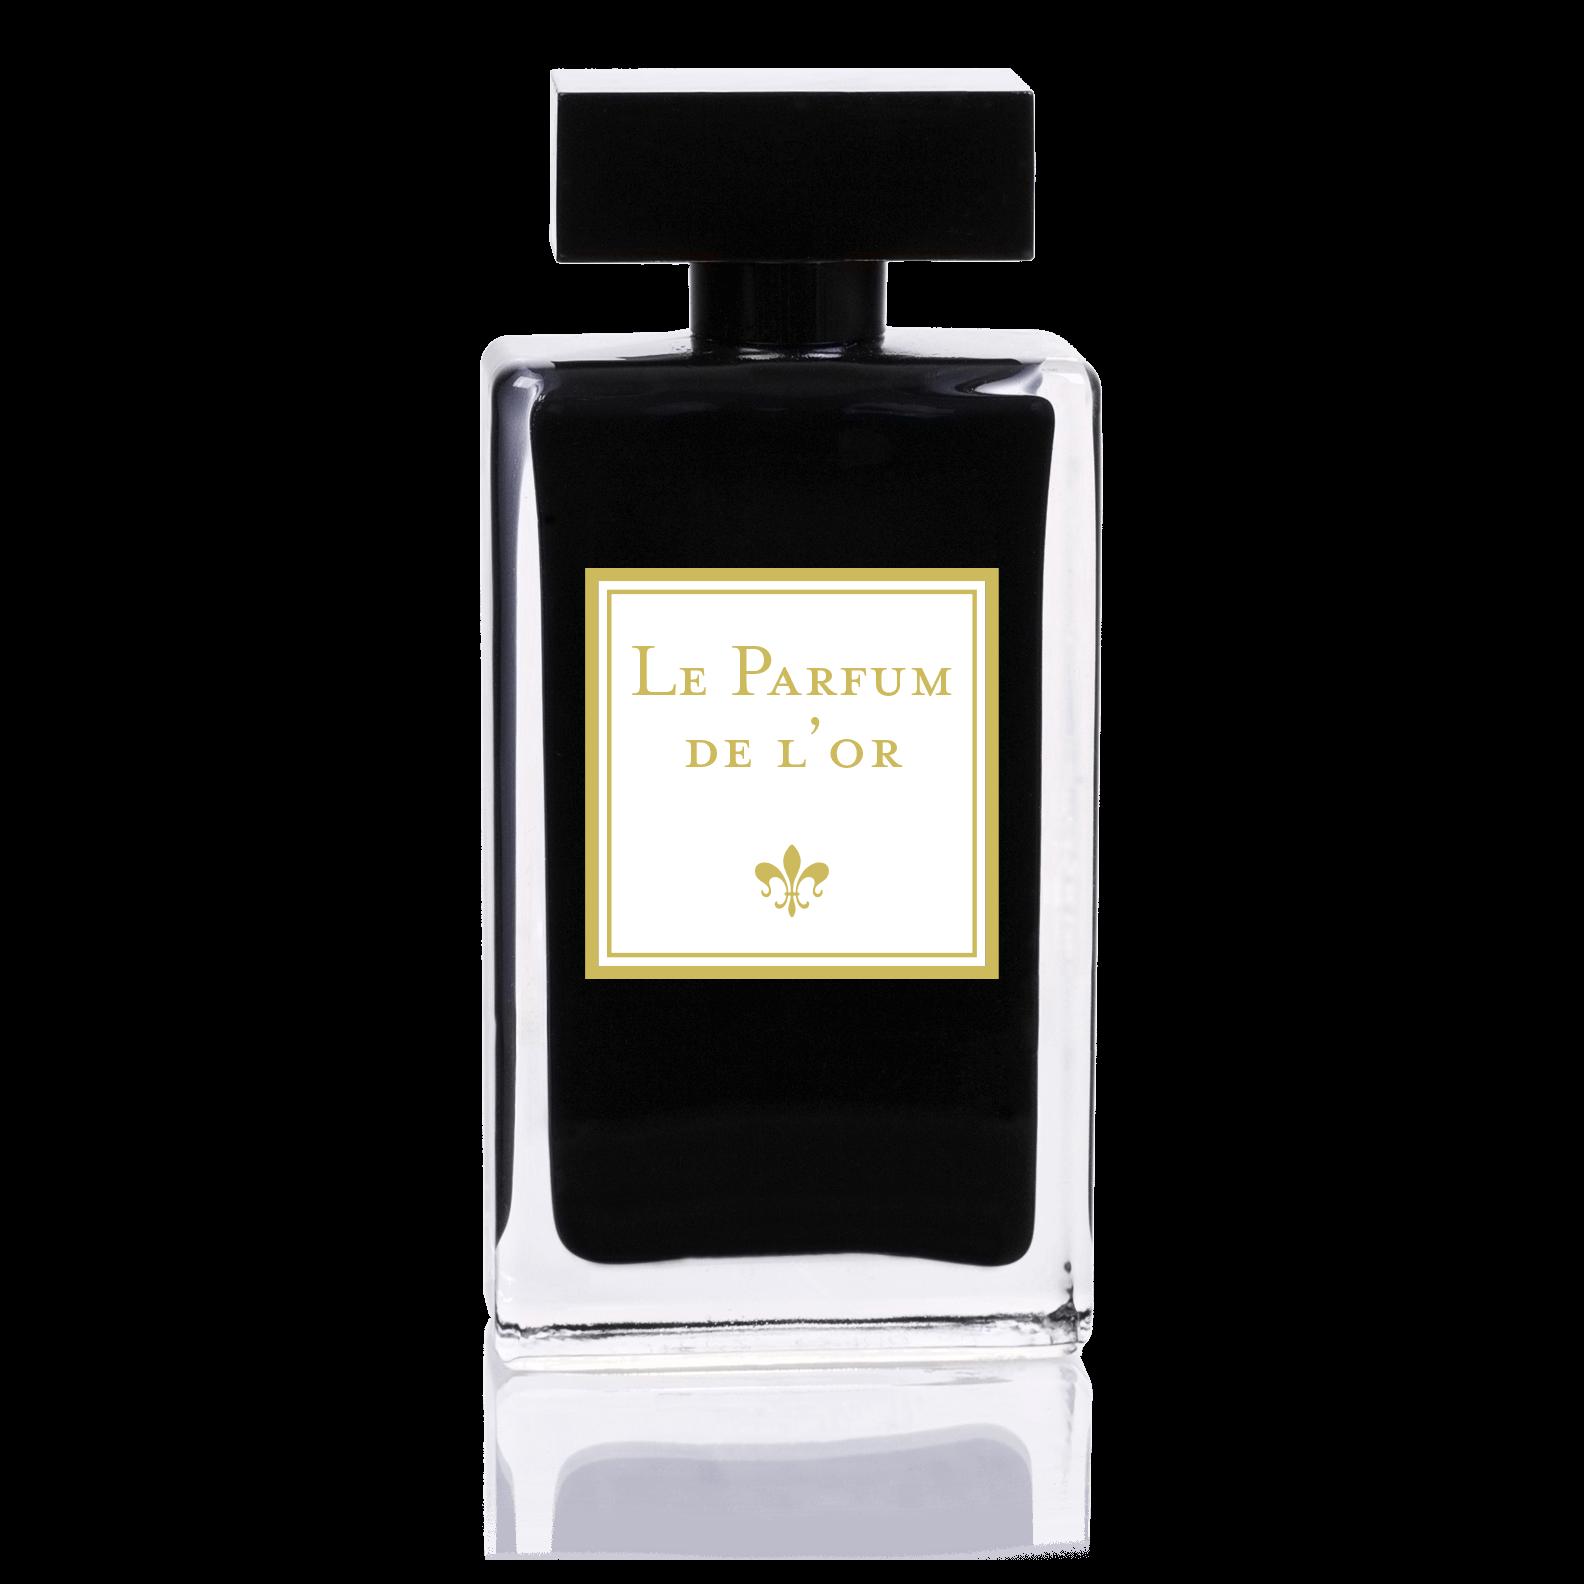 Perfume_Label